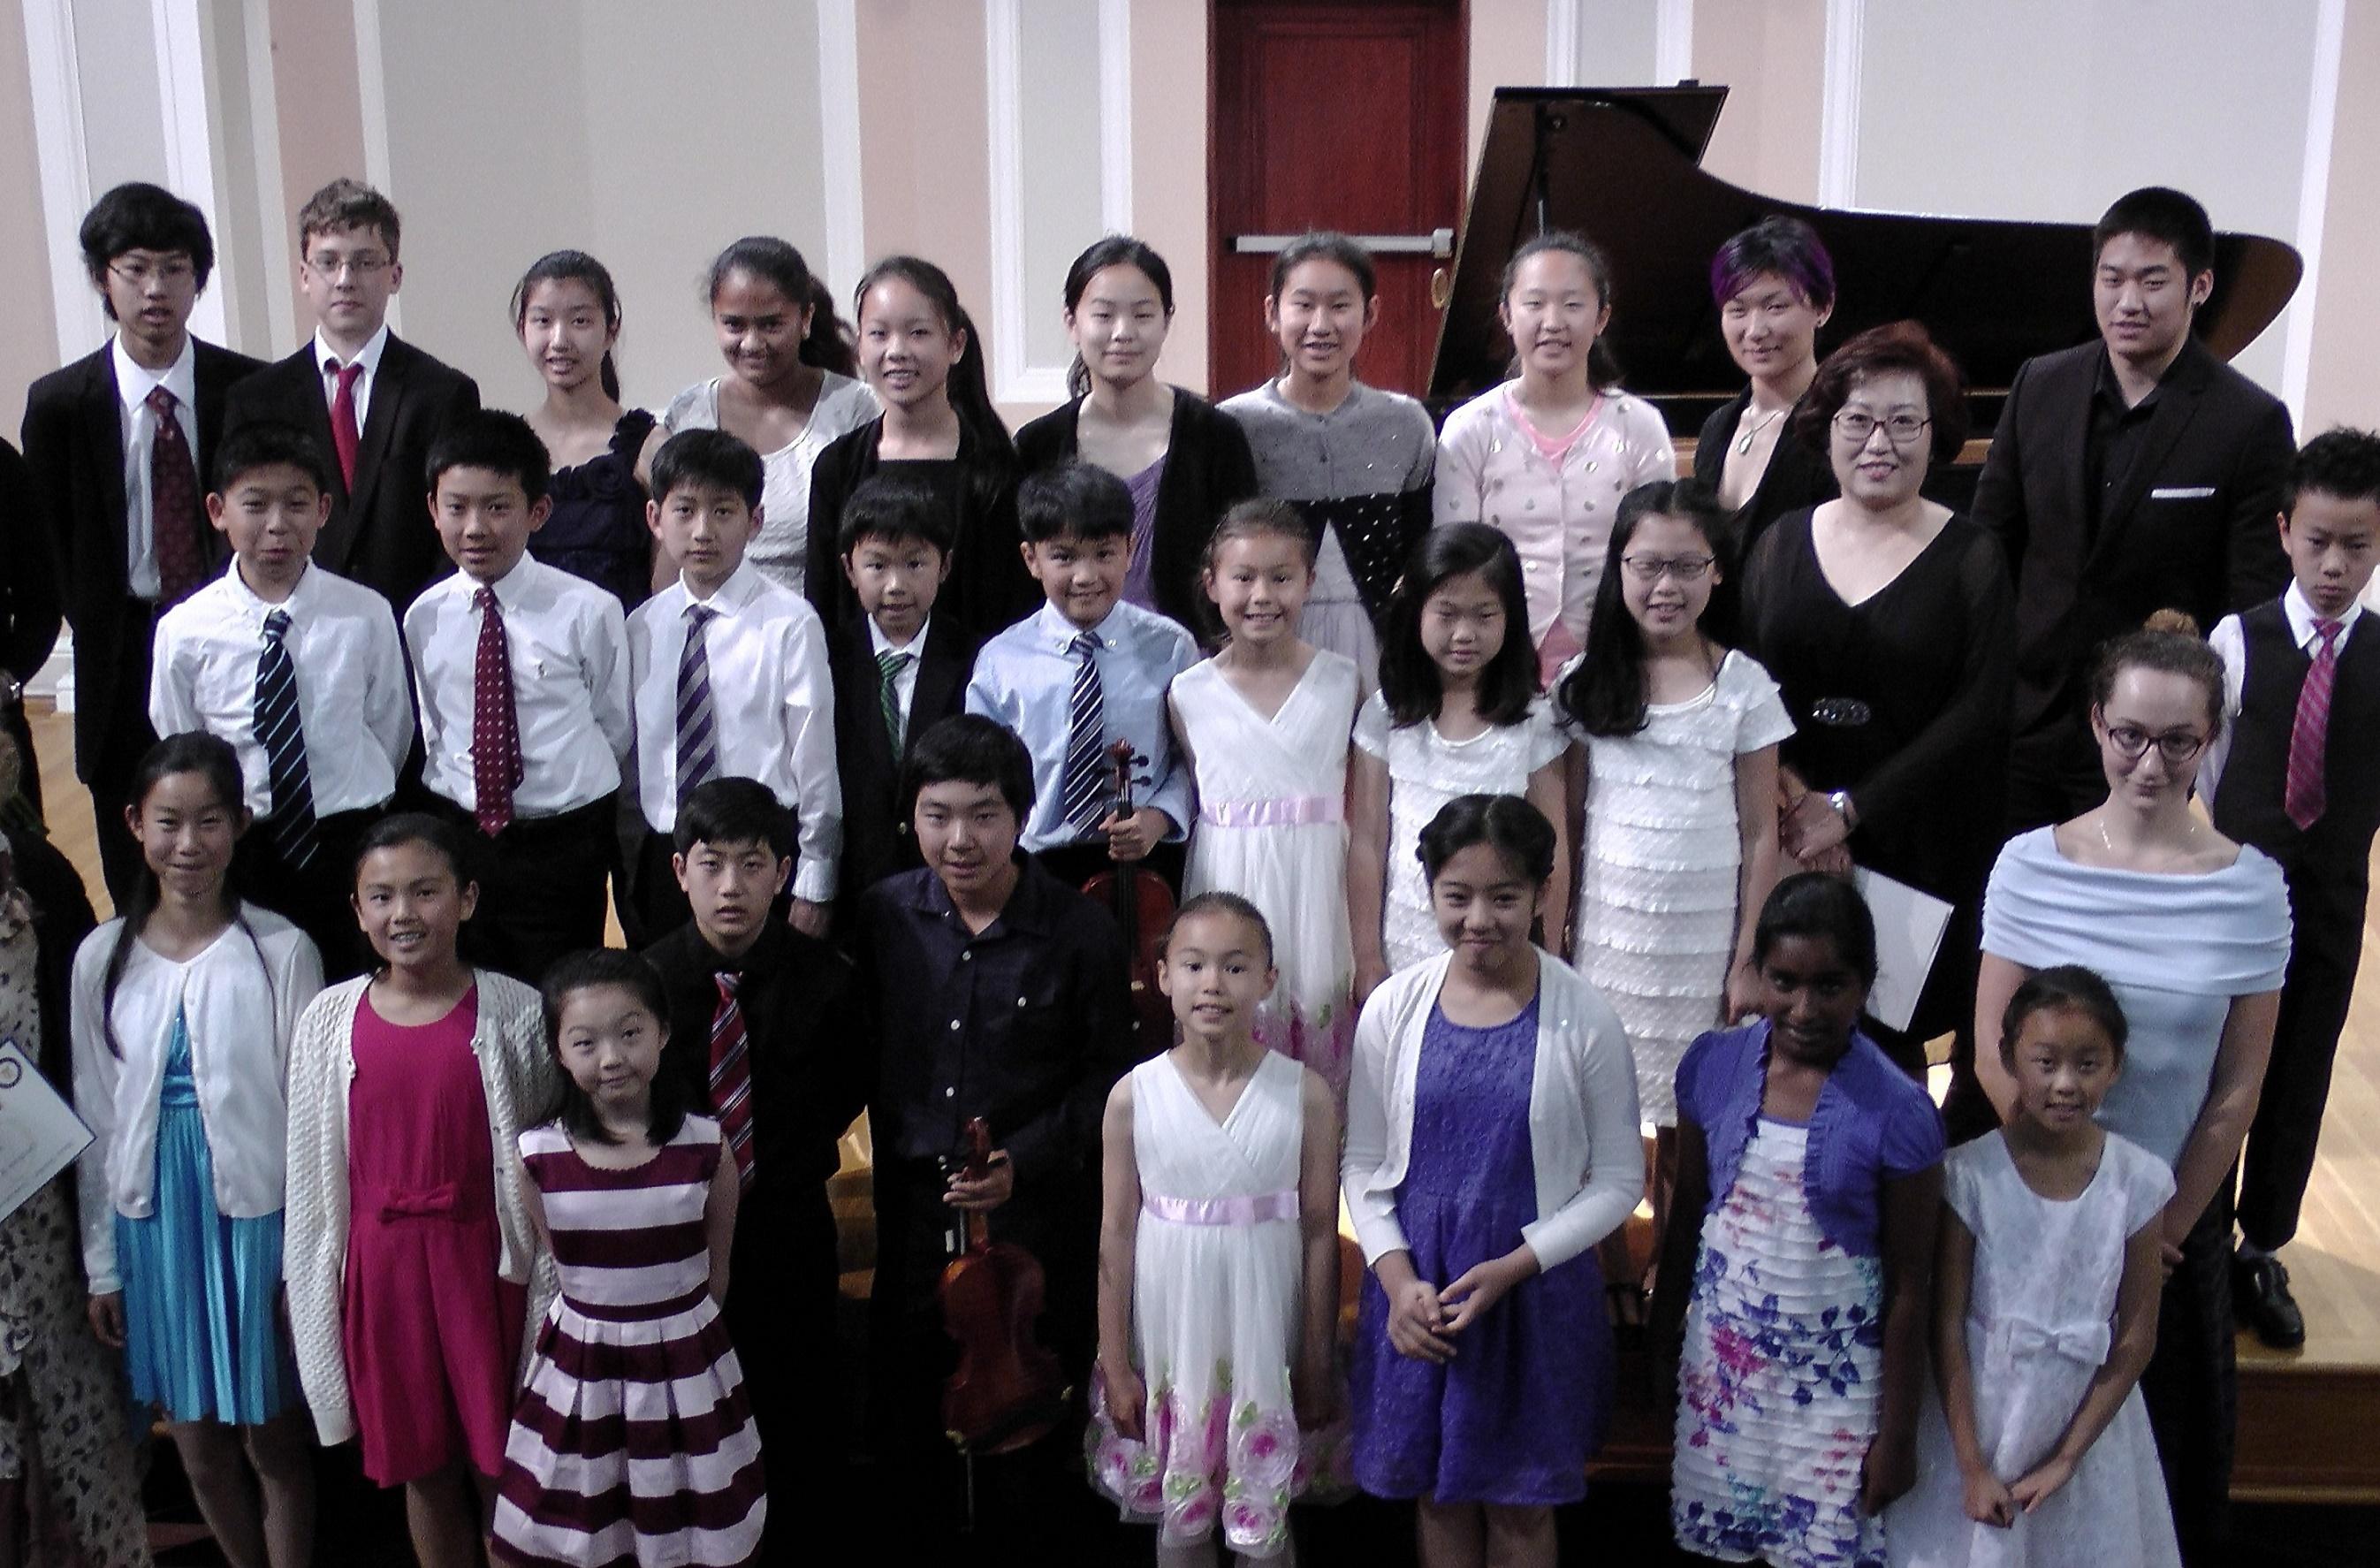 honor-recital-2015_28135846750_o